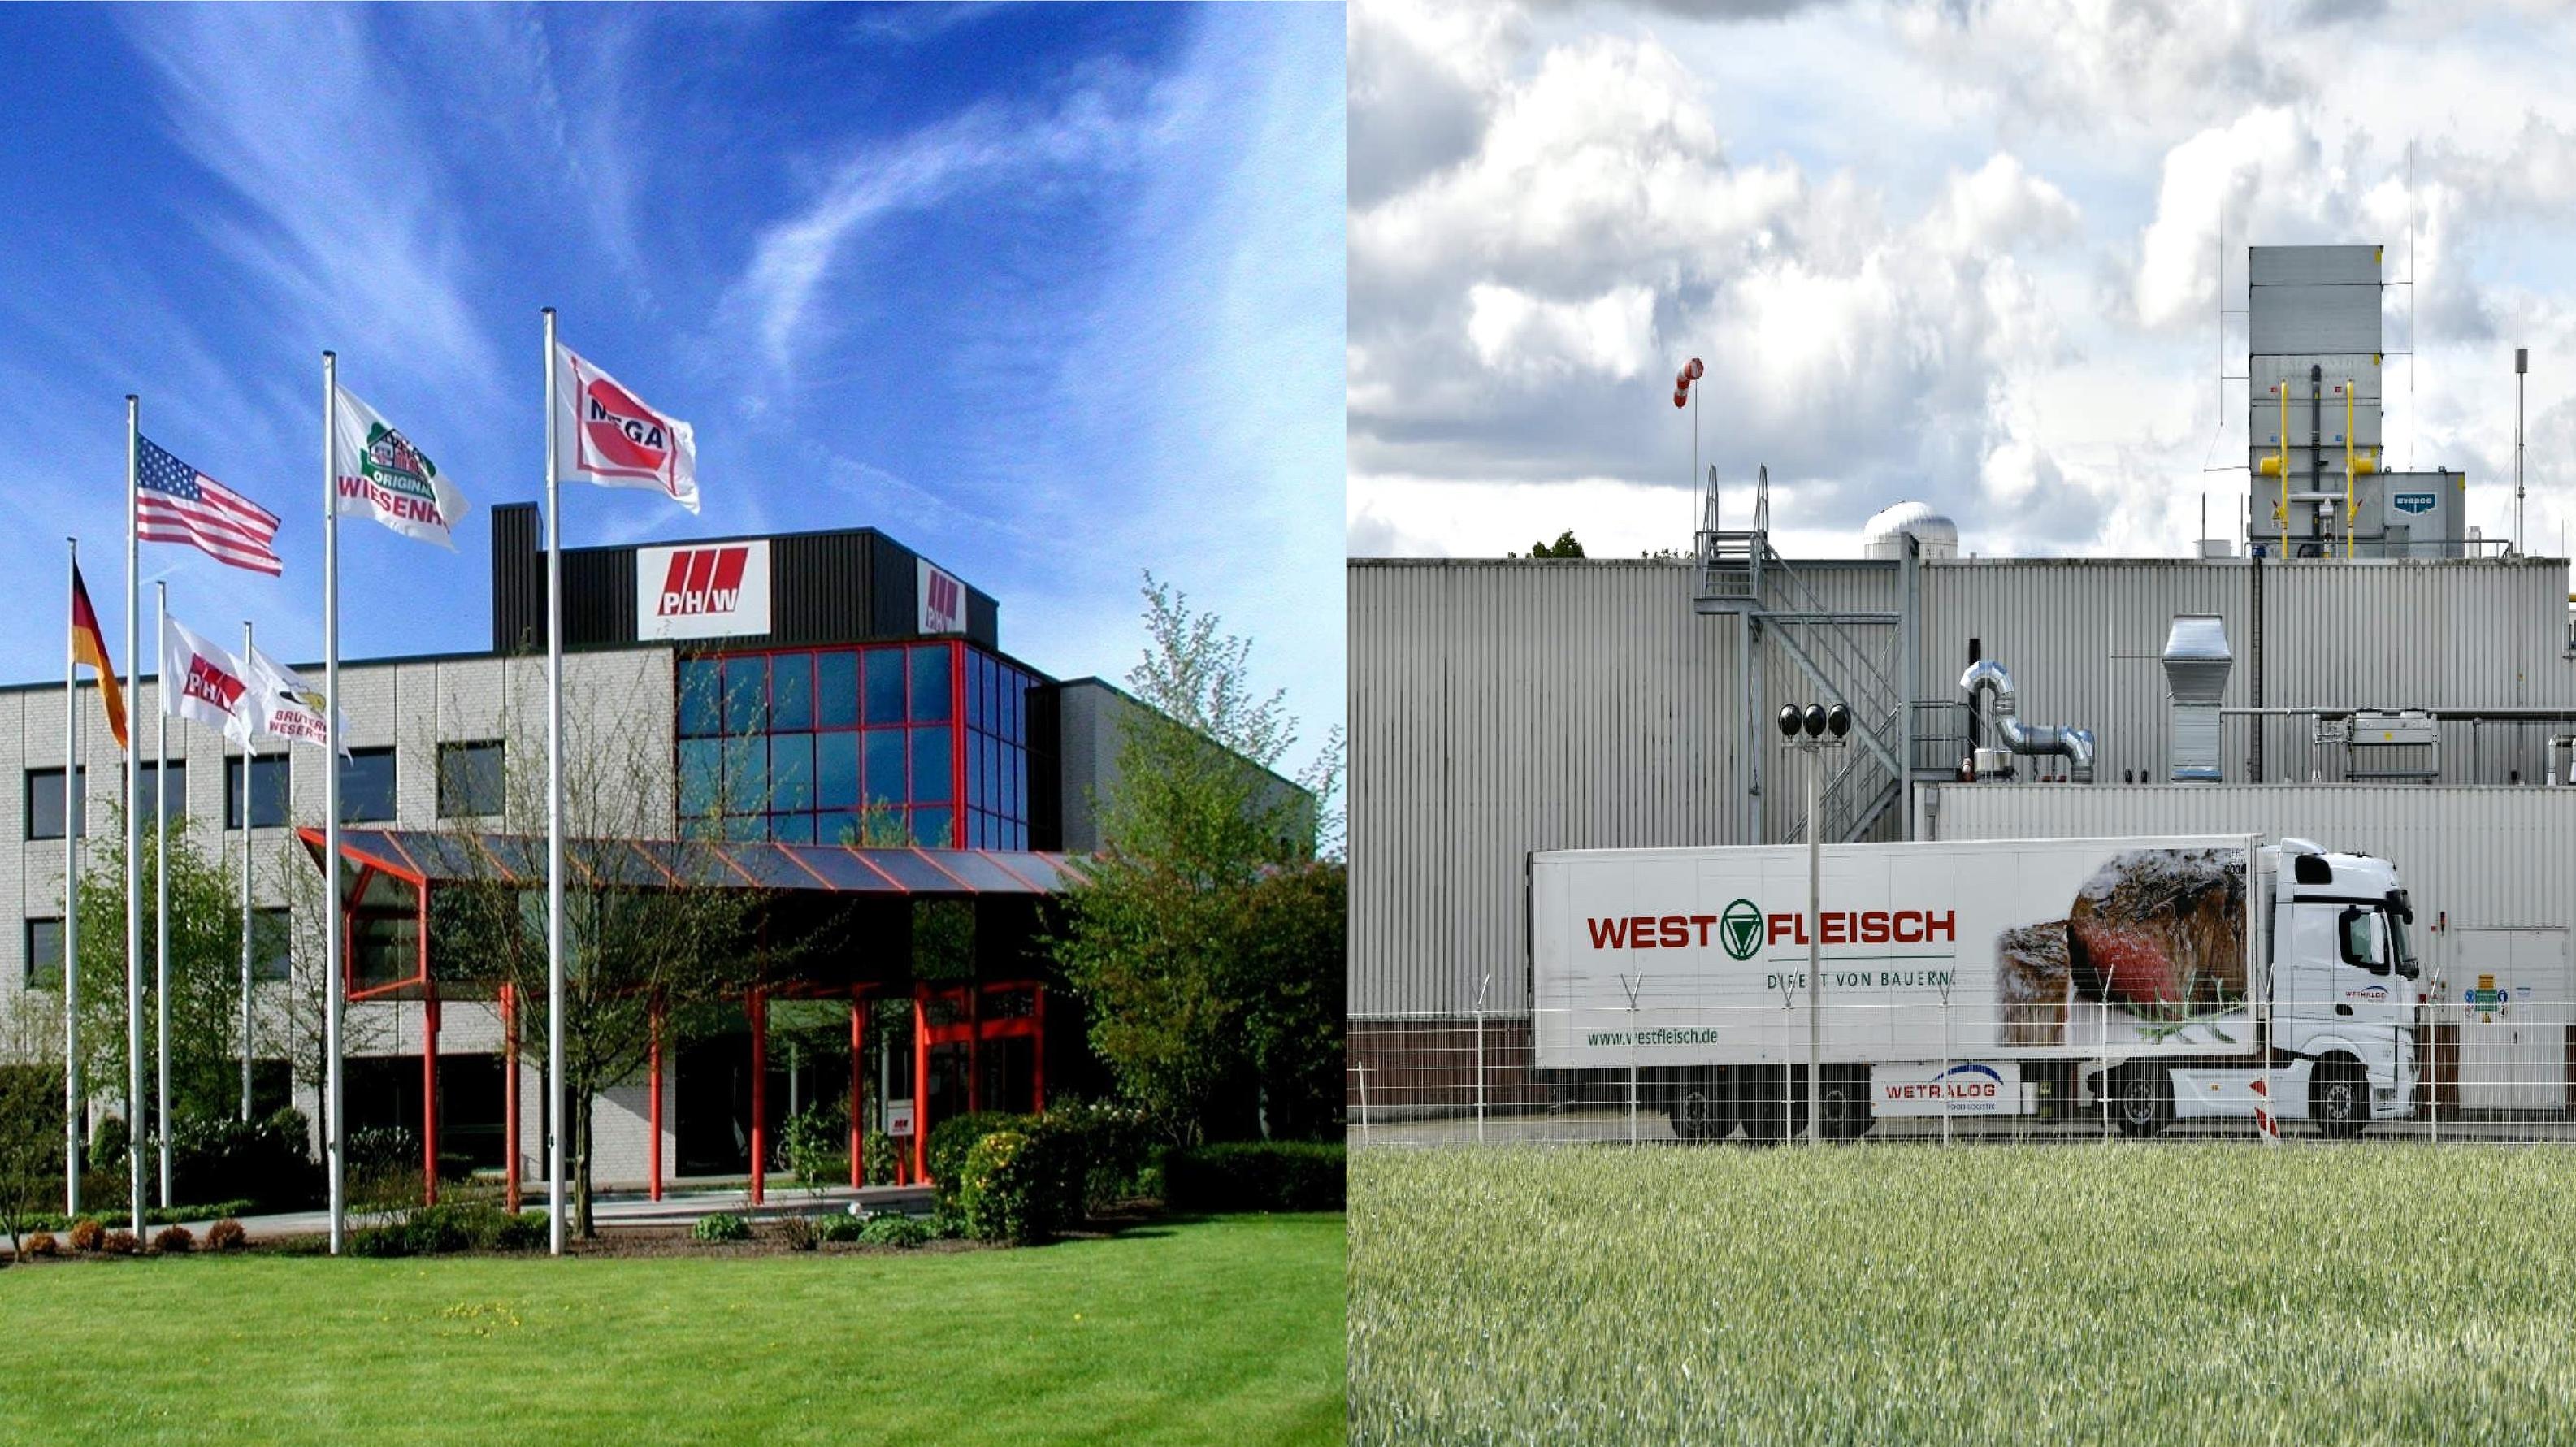 Vor Veränderungen: Die PHW-Gruppe aus Rechterfeld (links) und der Standort Bakum von Westfleisch (rechts). Fotos: Archiv